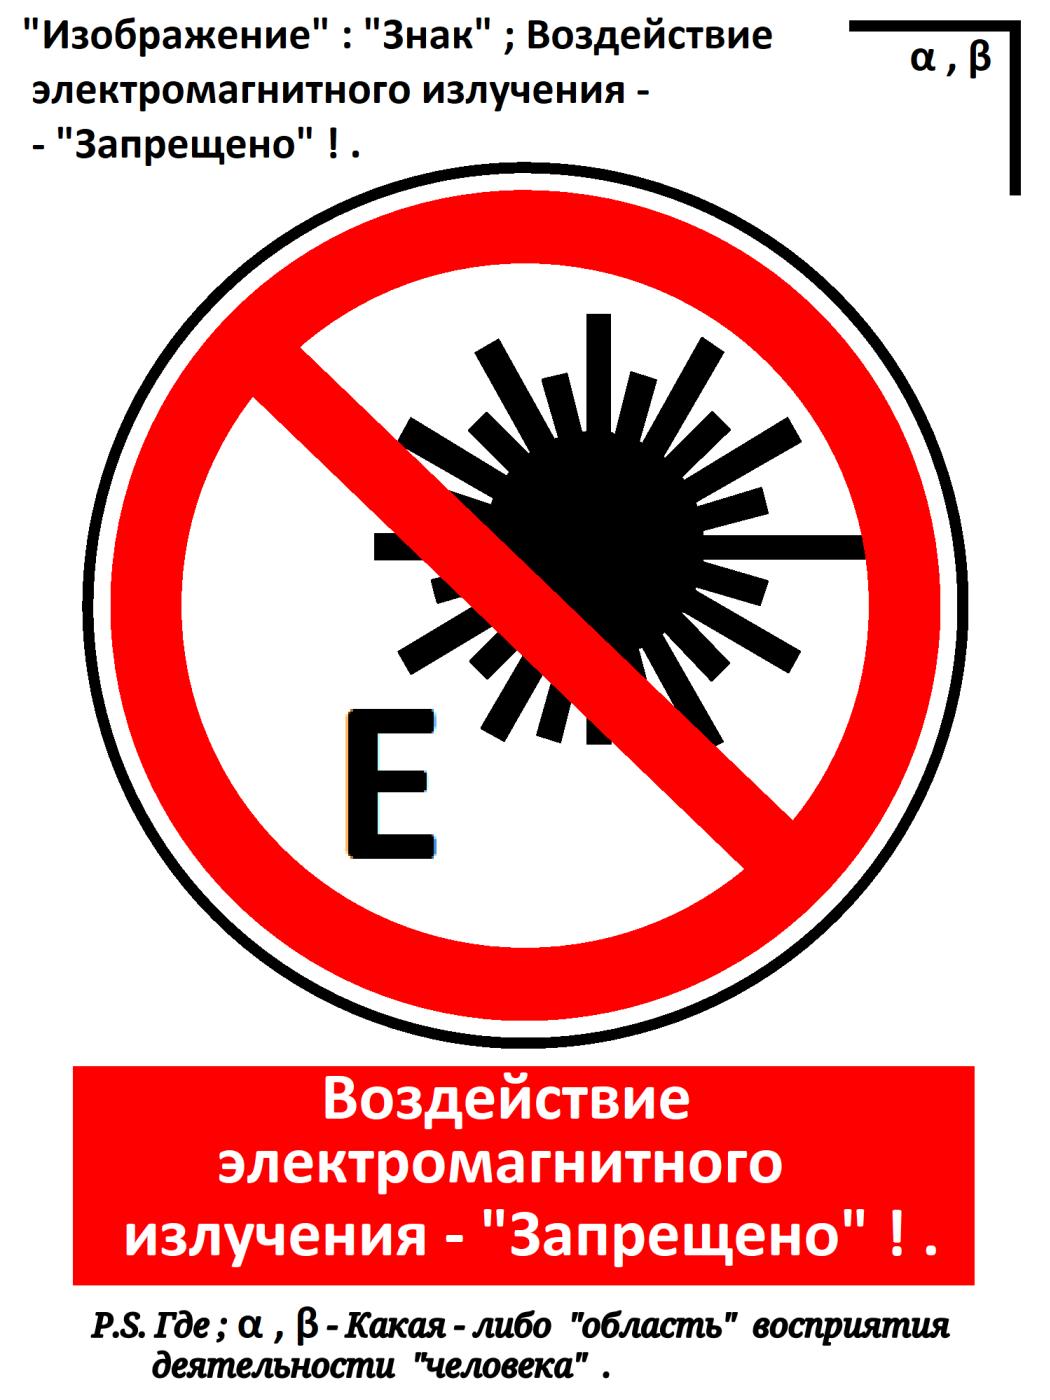 """Arthur Gabdrupes. """"Image"""": """"Sign""""; Exposure to electromagnetic radiation - """"Prohibited""""! ..."""